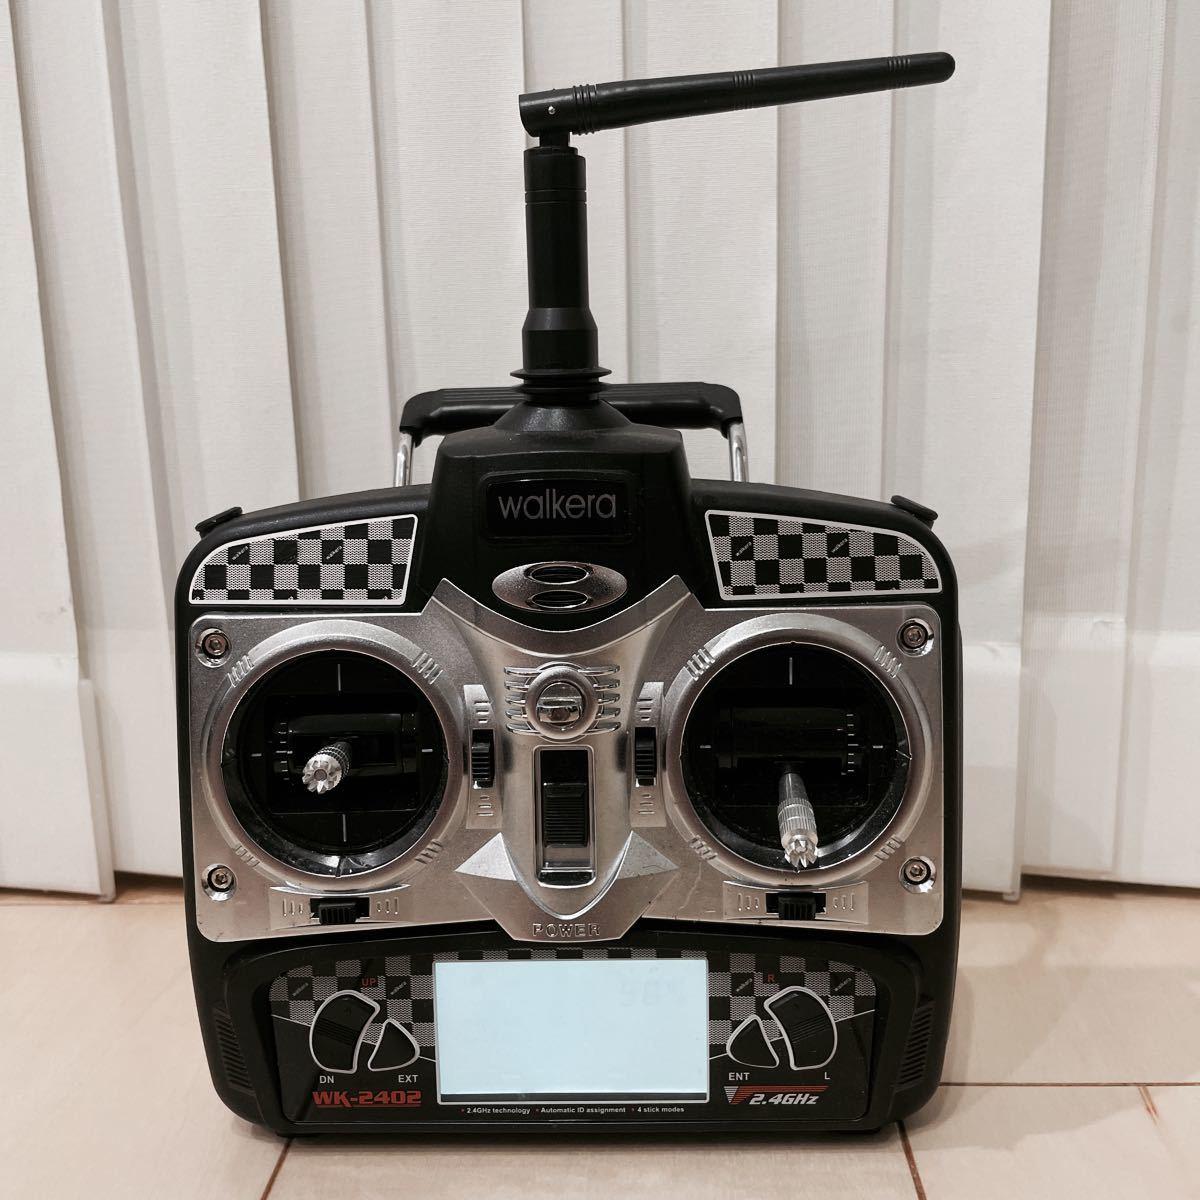 Walkera ワルケラ 送信機 プロポ コントローラー WK-2402